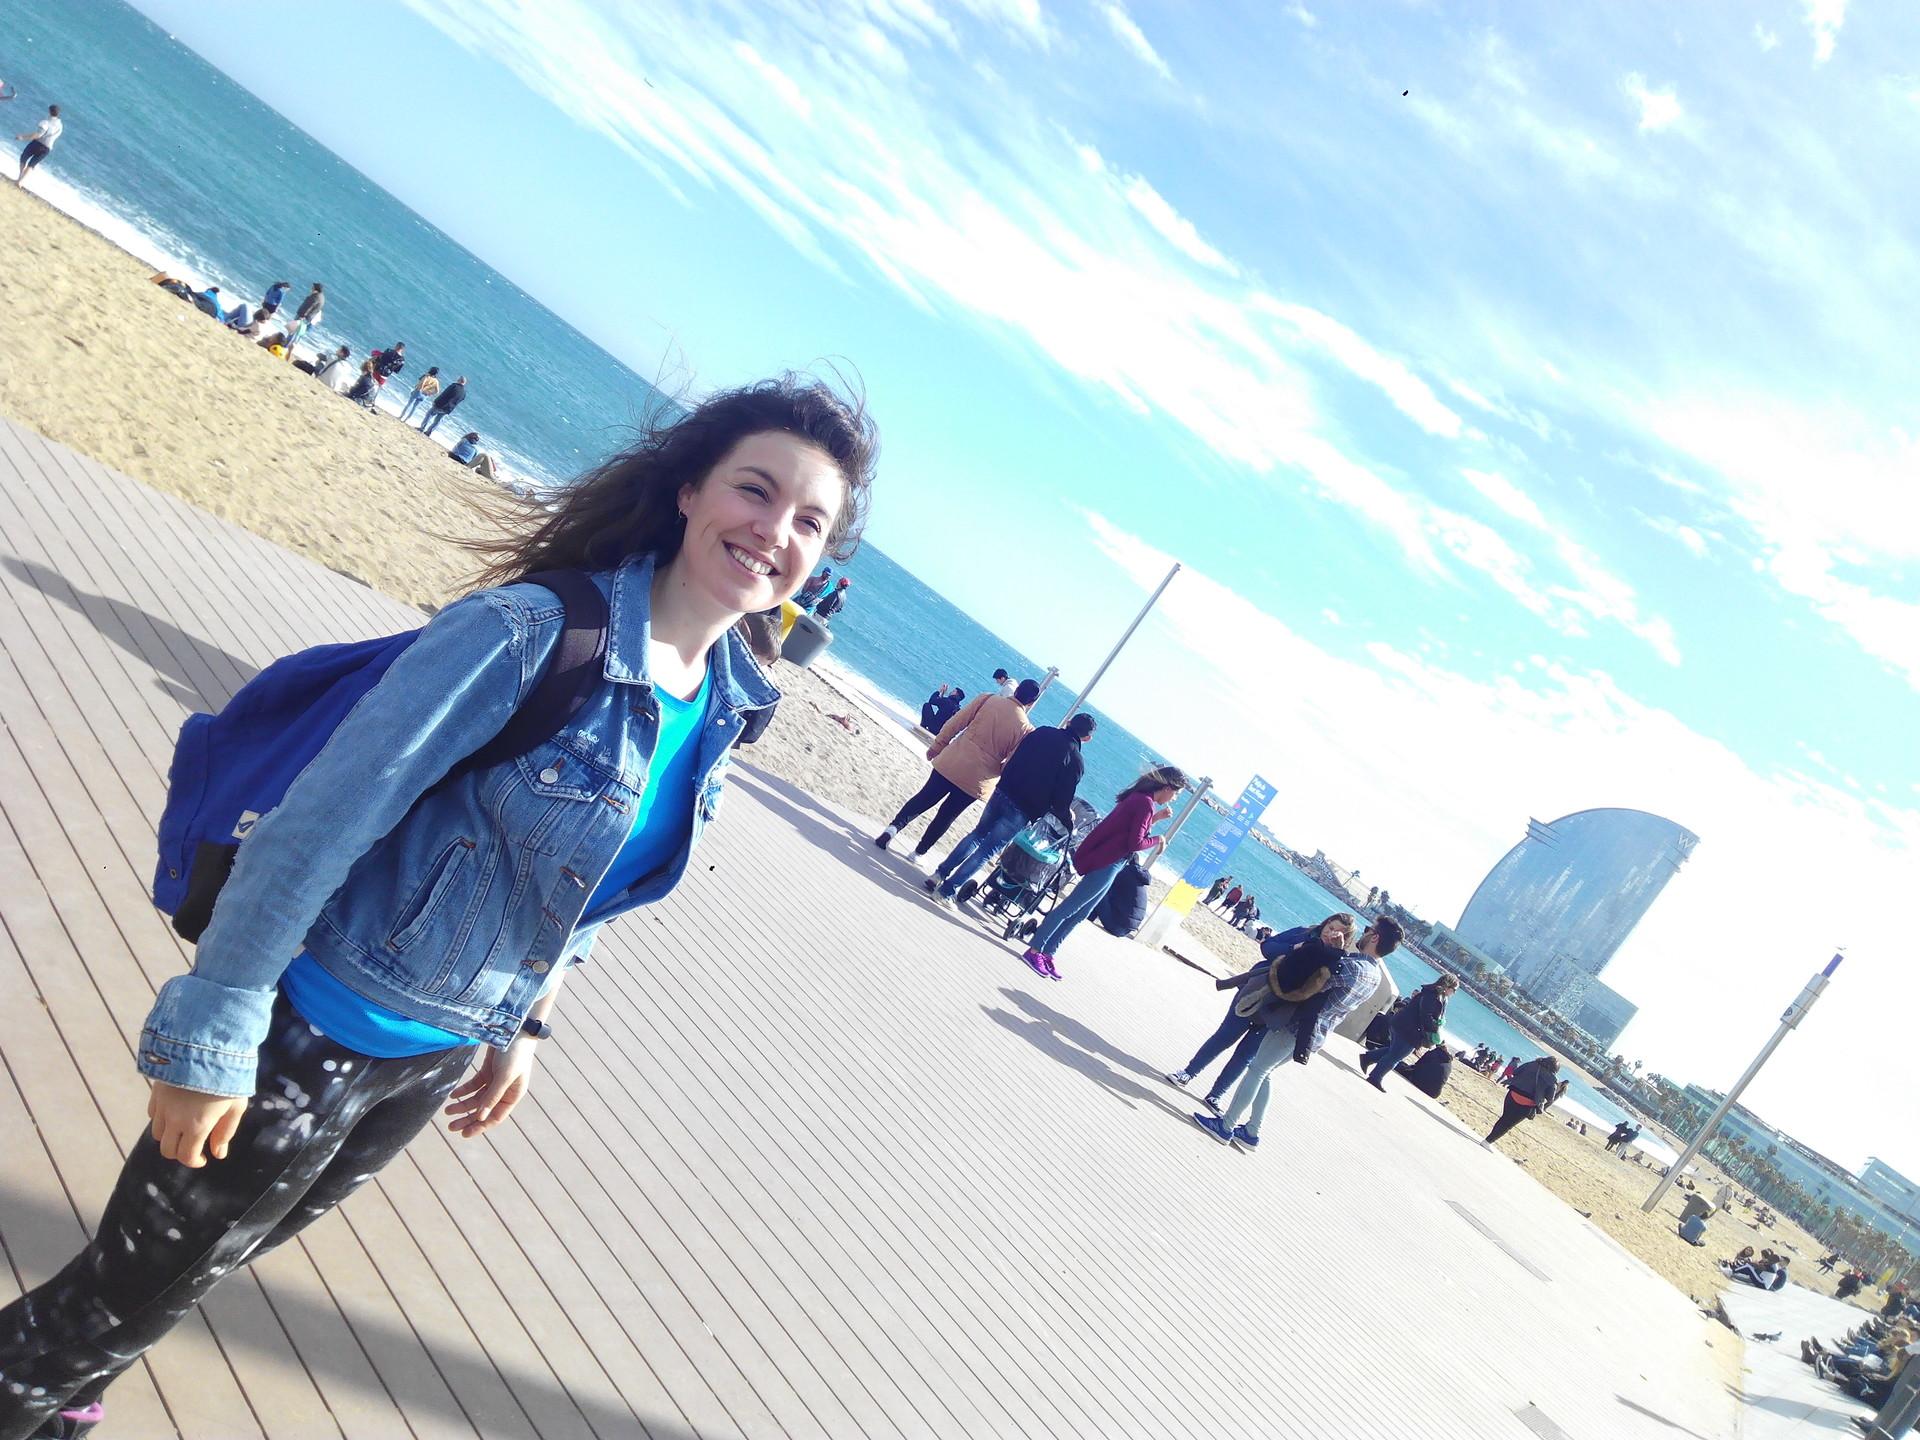 barcelona-a-pie-ruedas-28a5211698393c29d